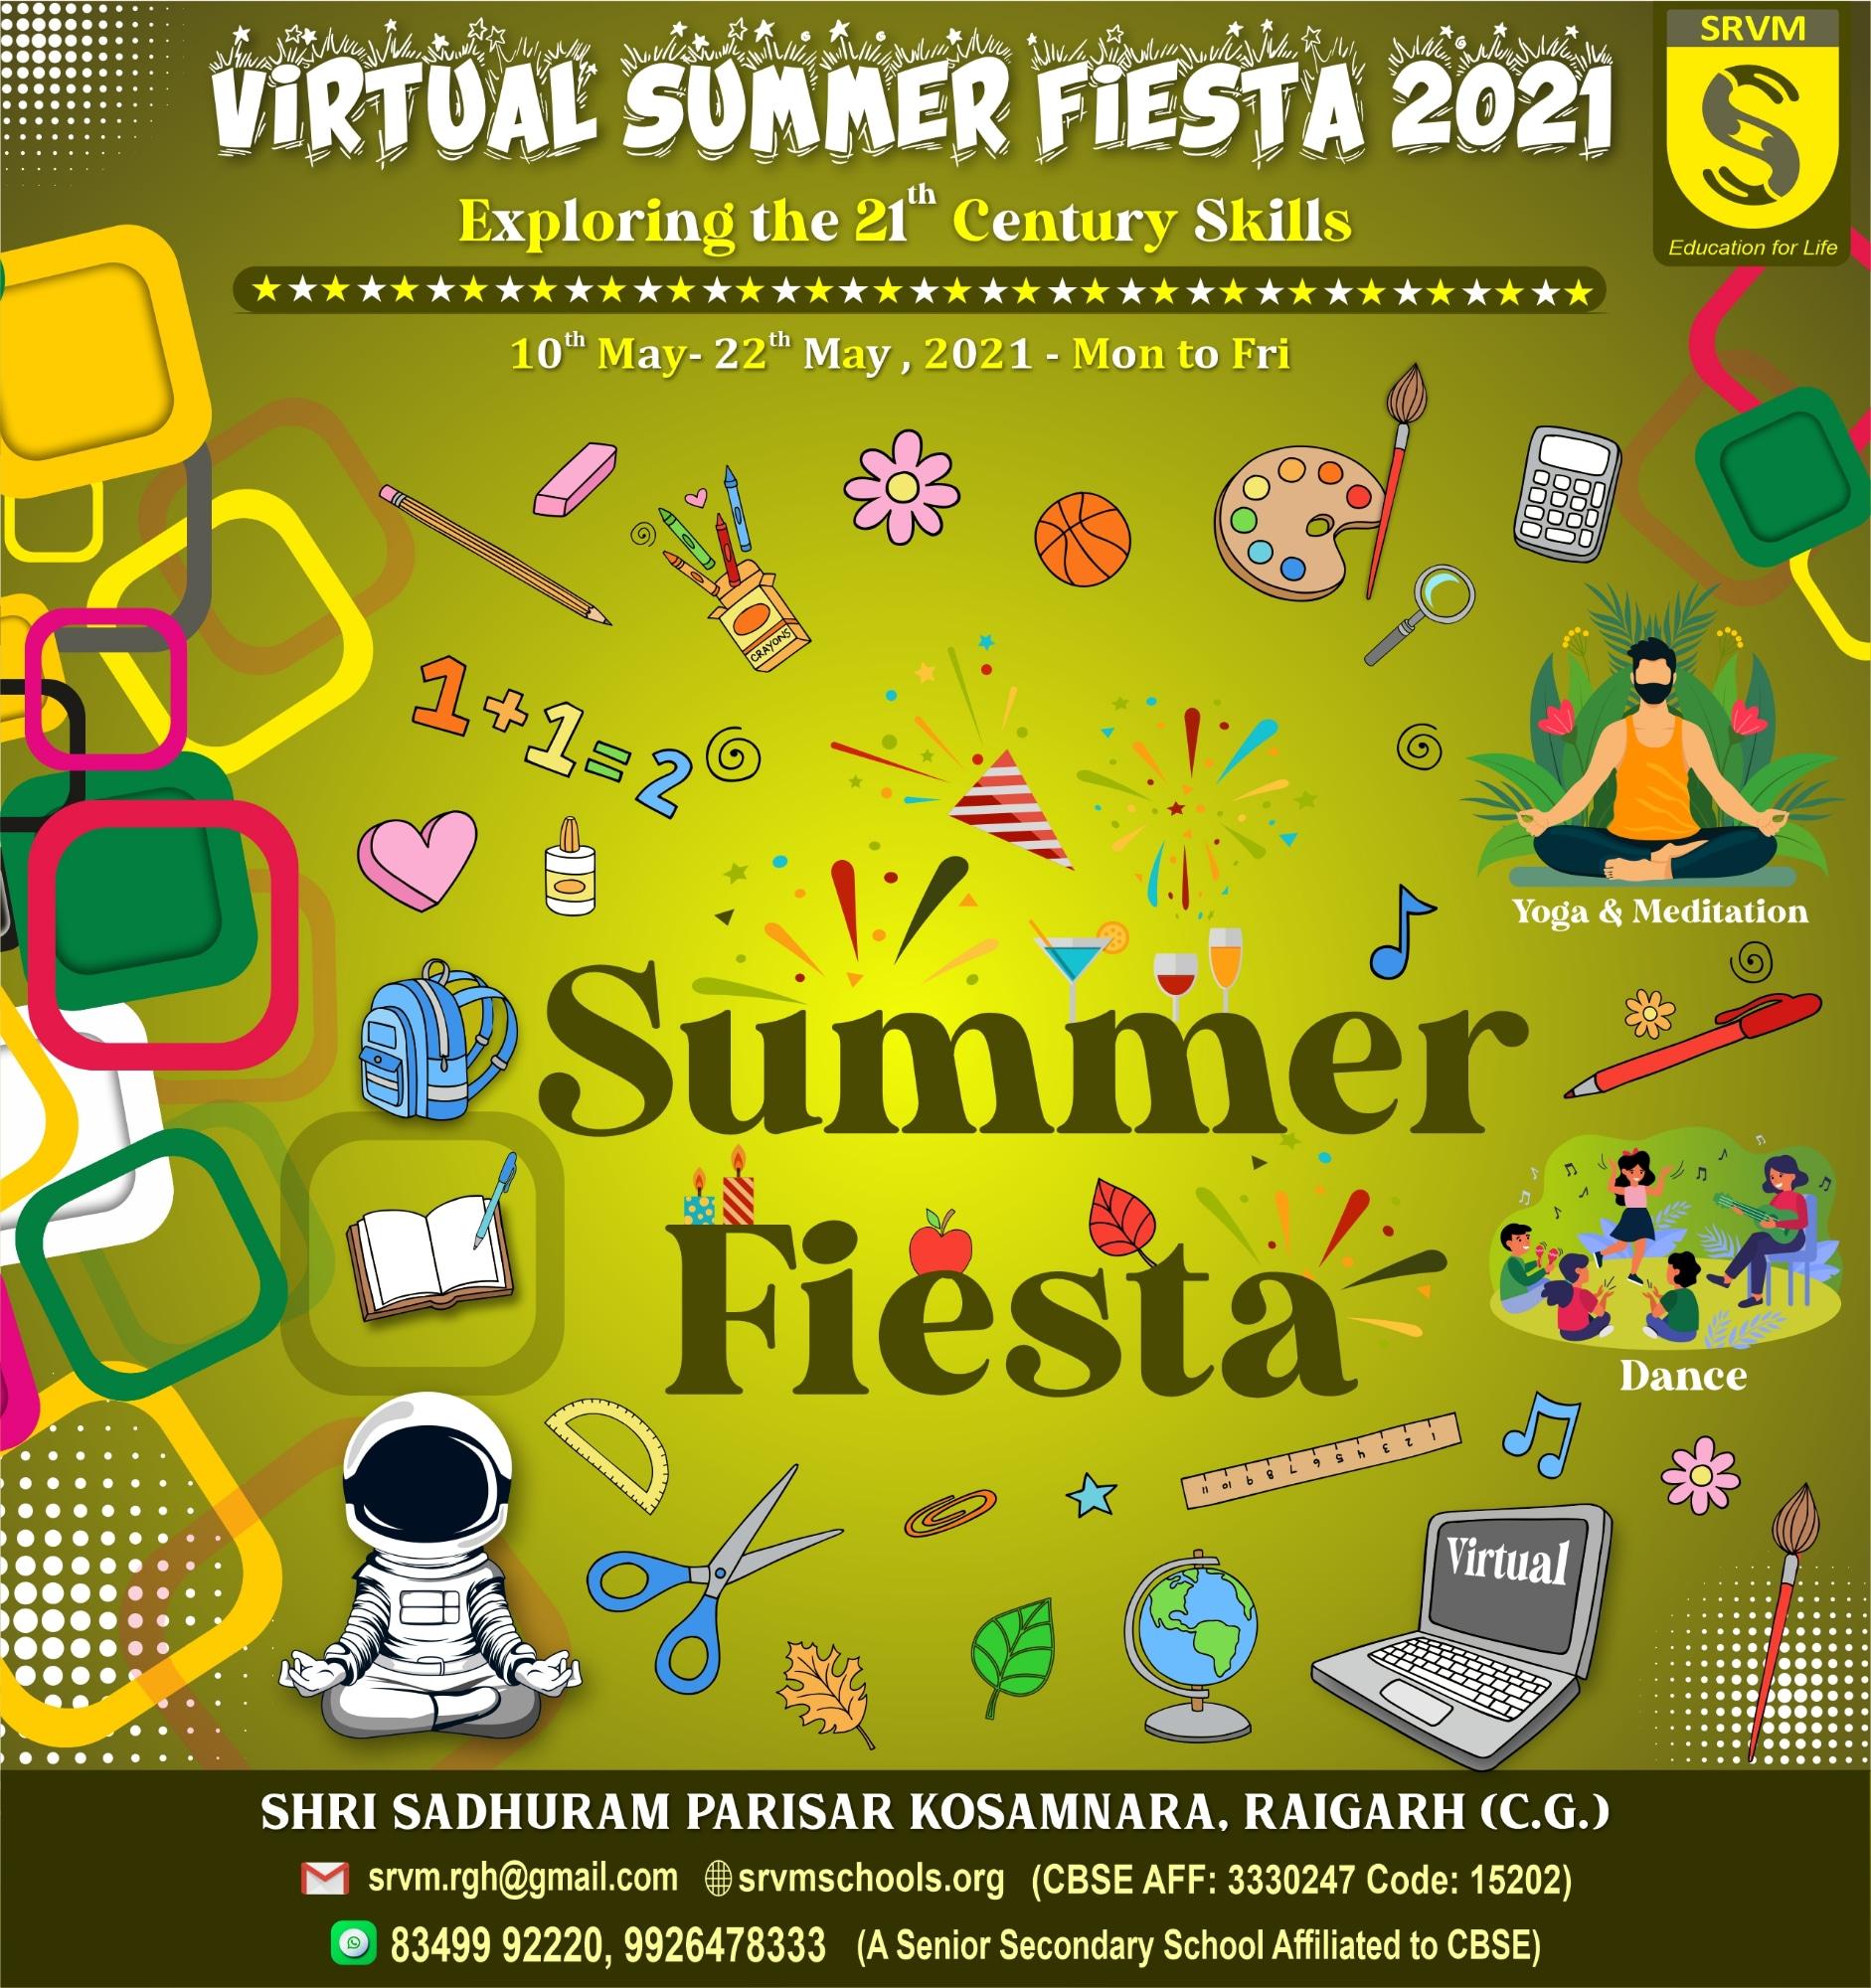 SUMMER FIESTA POSTER 2021